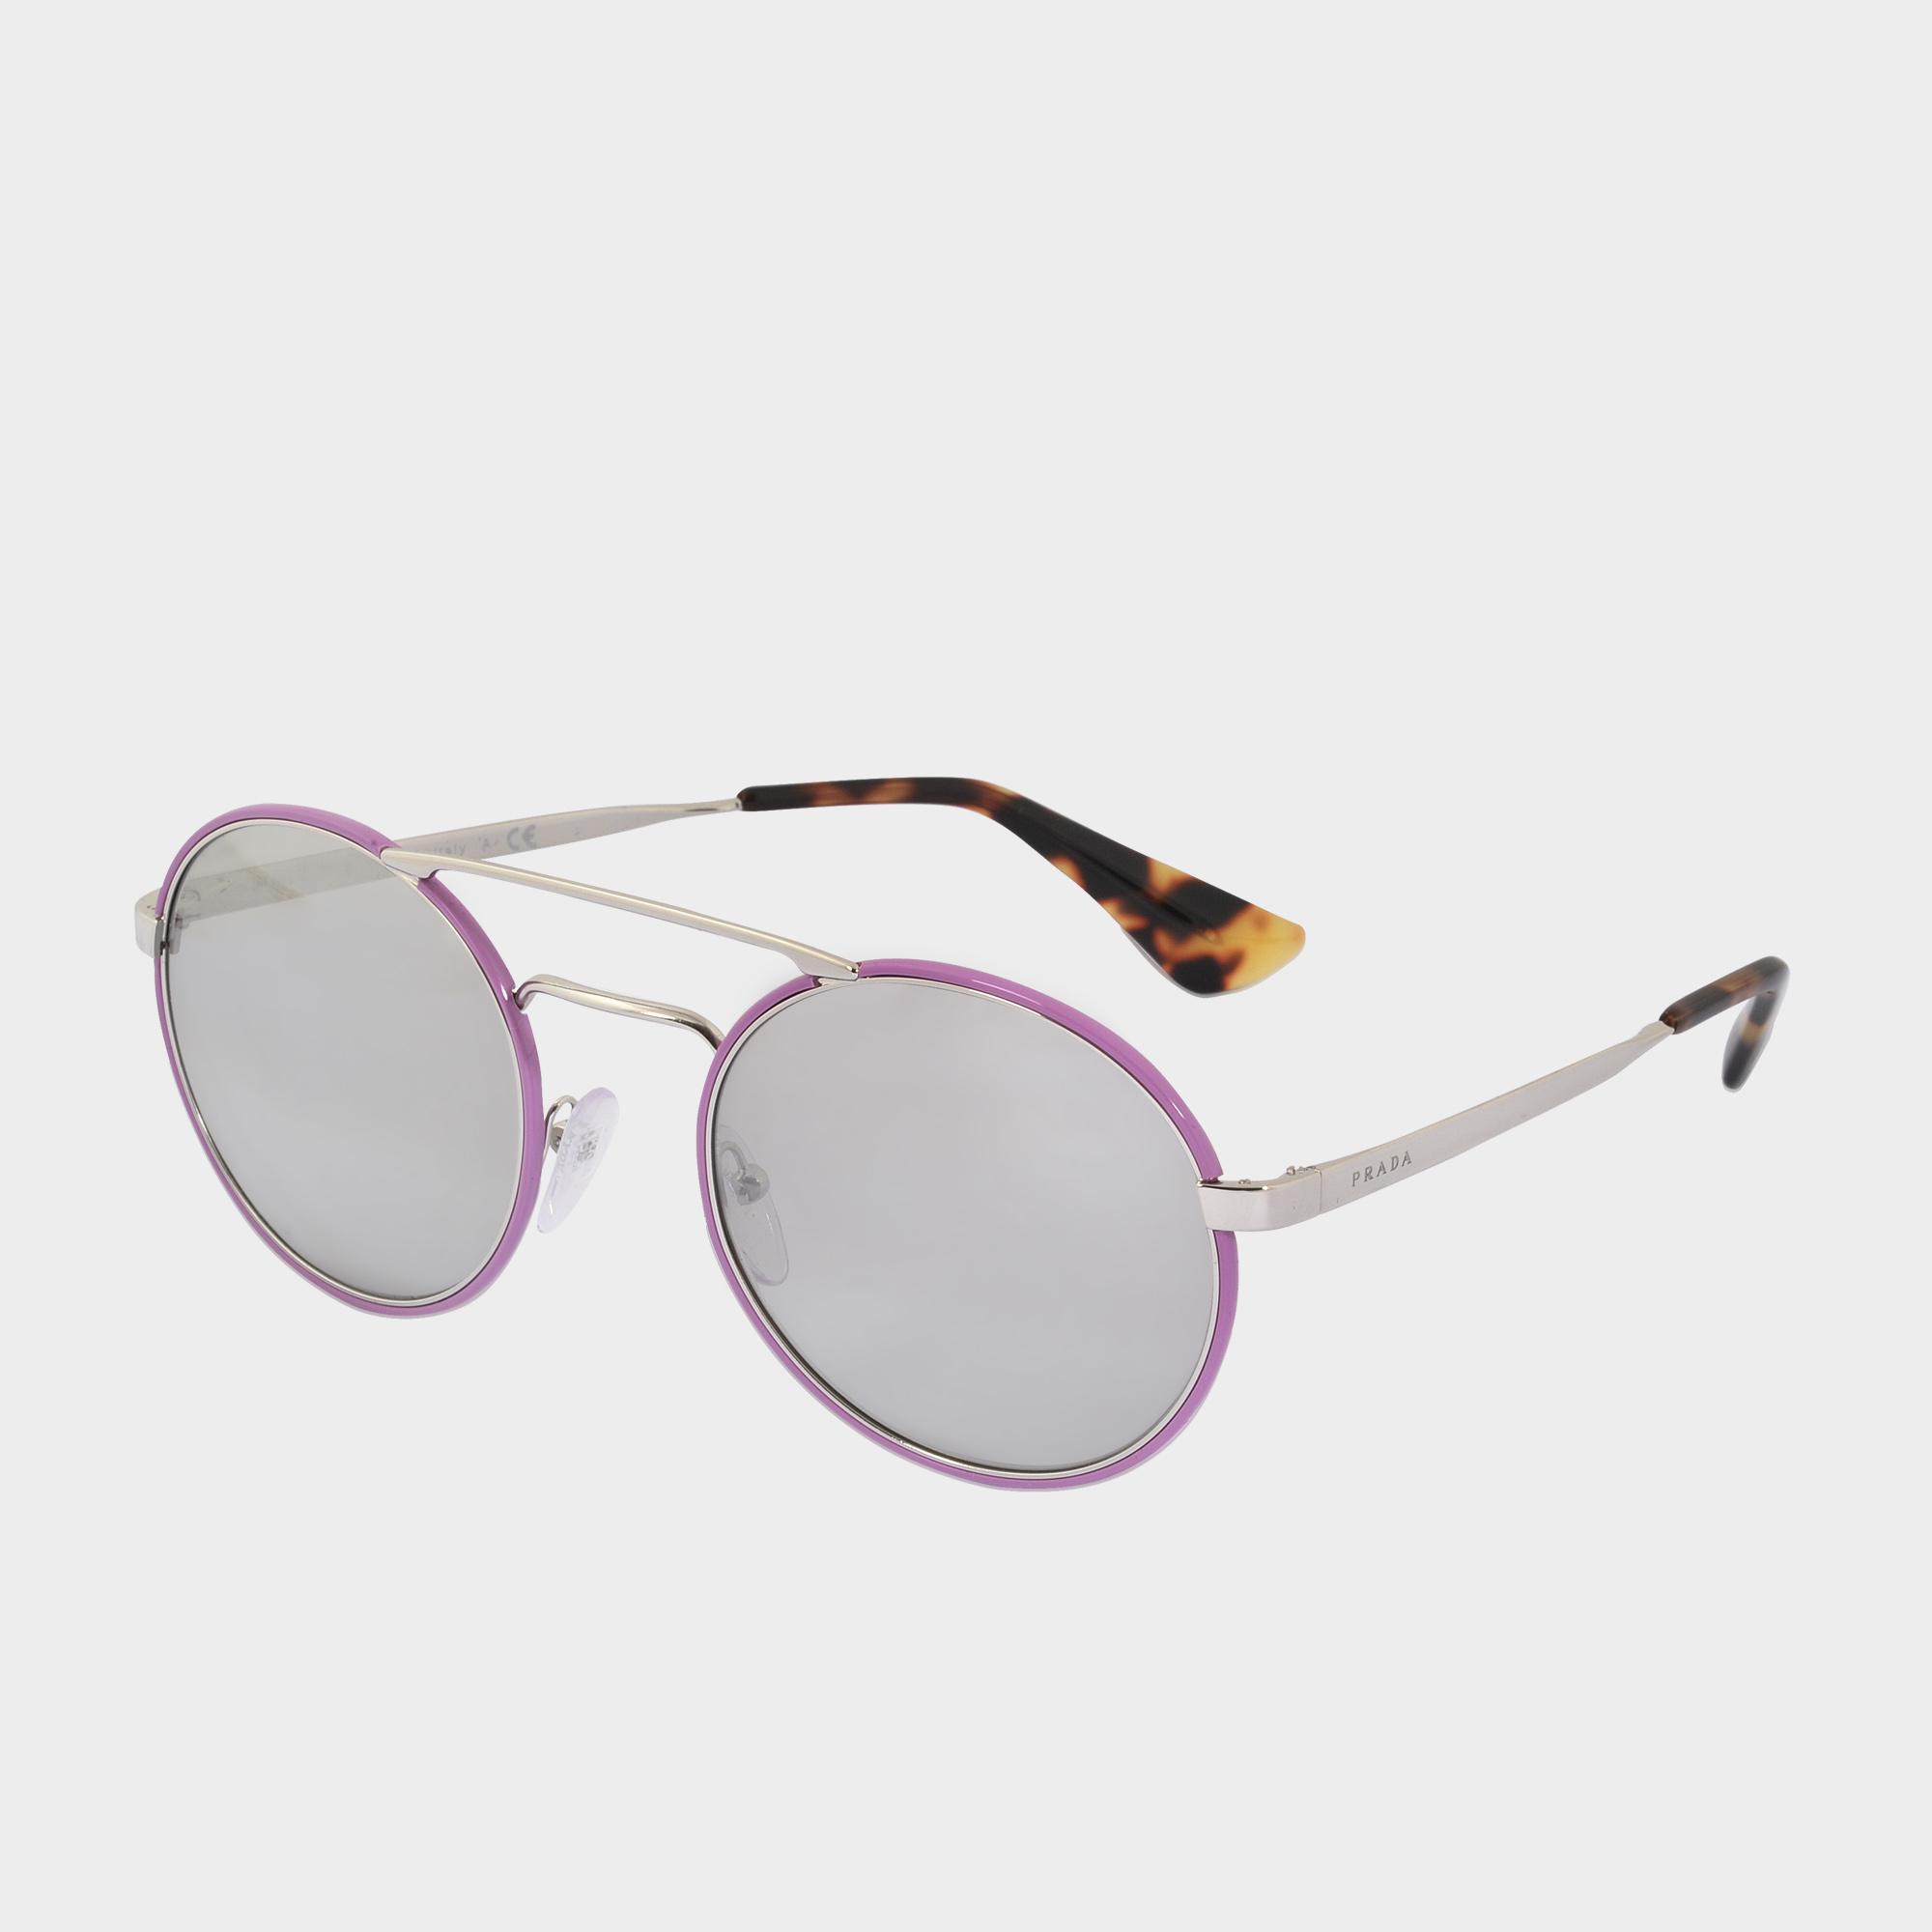 d6953e24394a Prada 0pr 51ss Sunglasses in Pink - Lyst